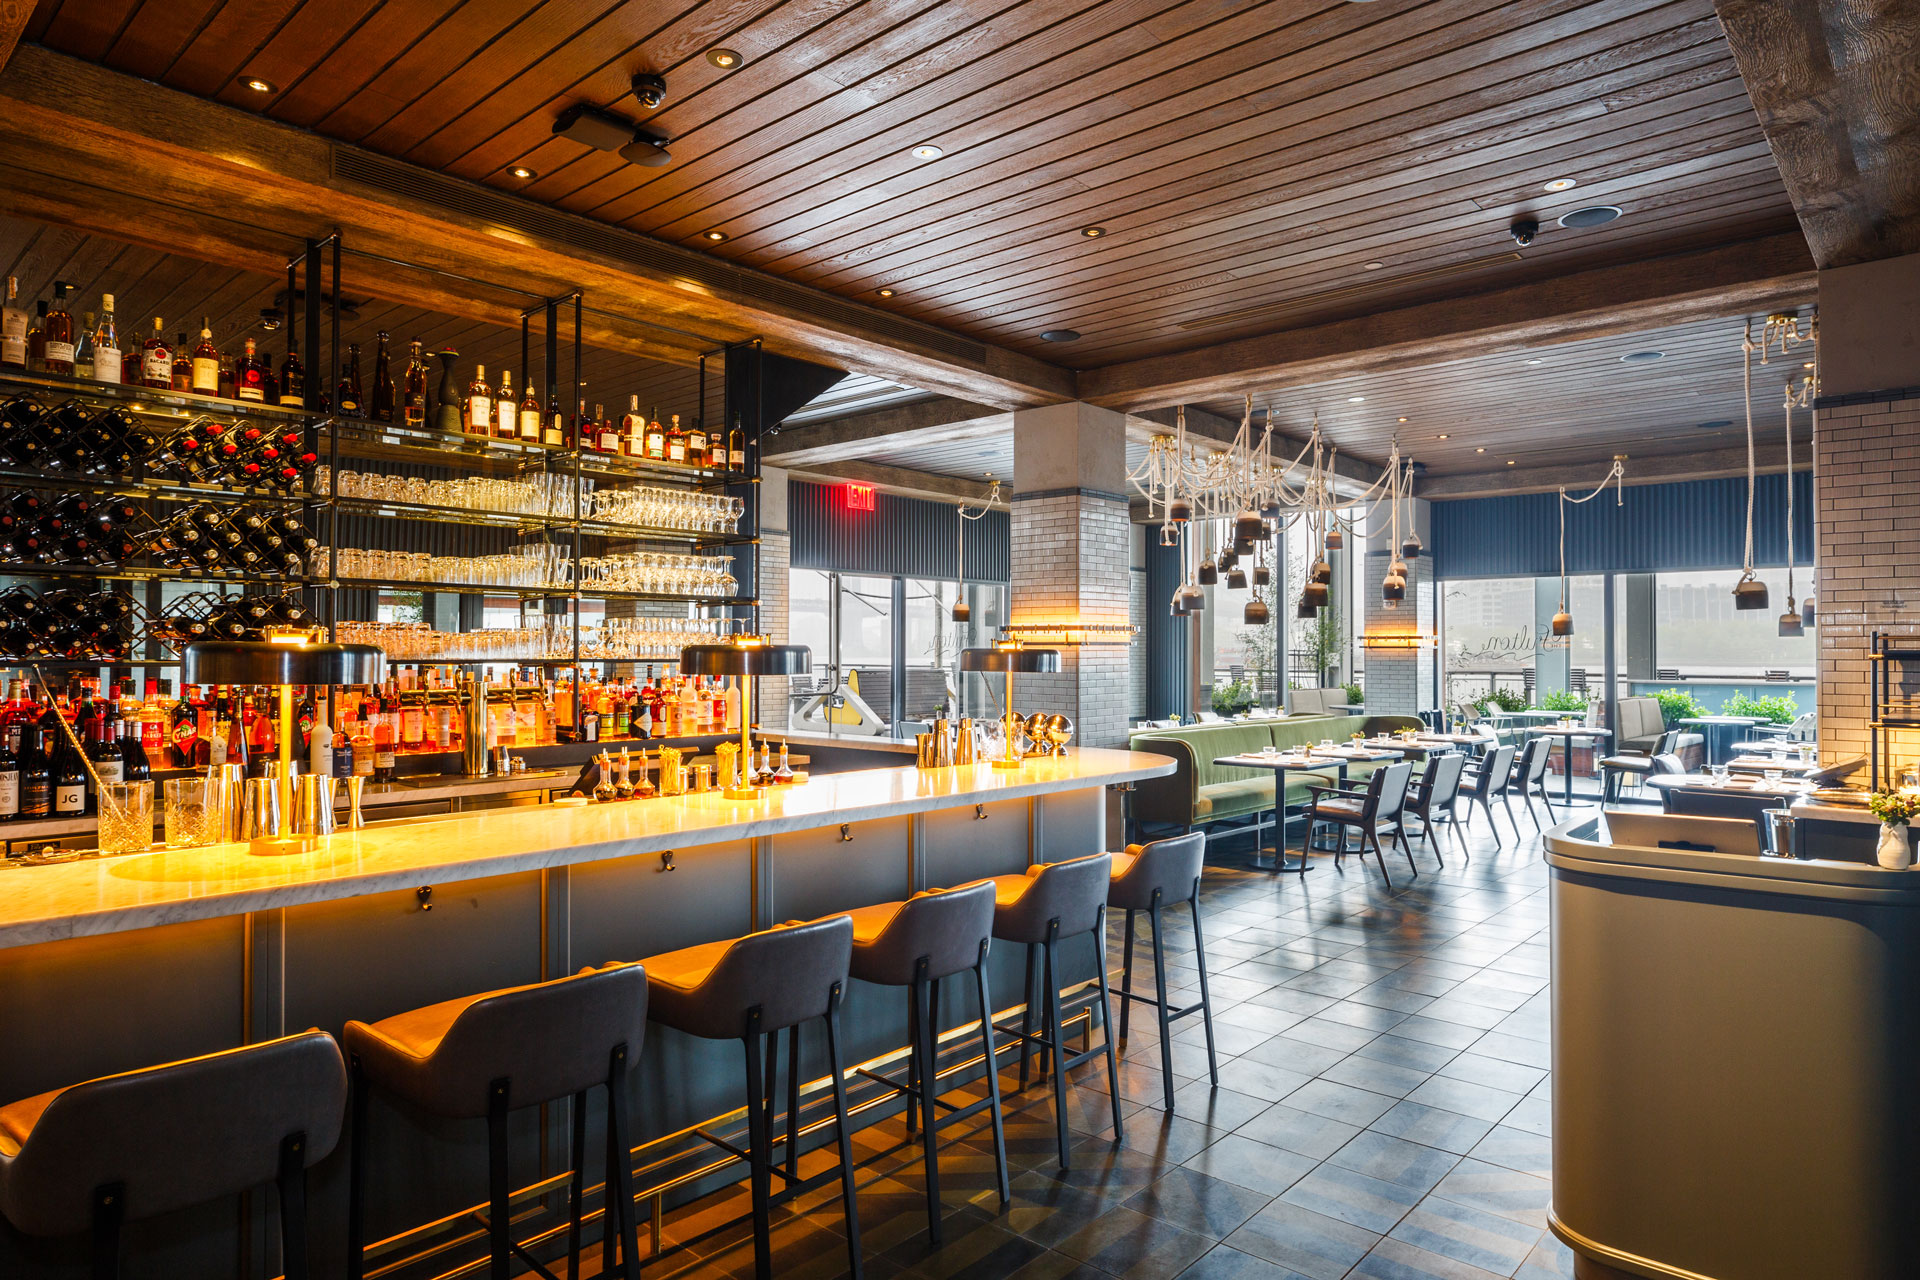 The Fulton restaurant designer